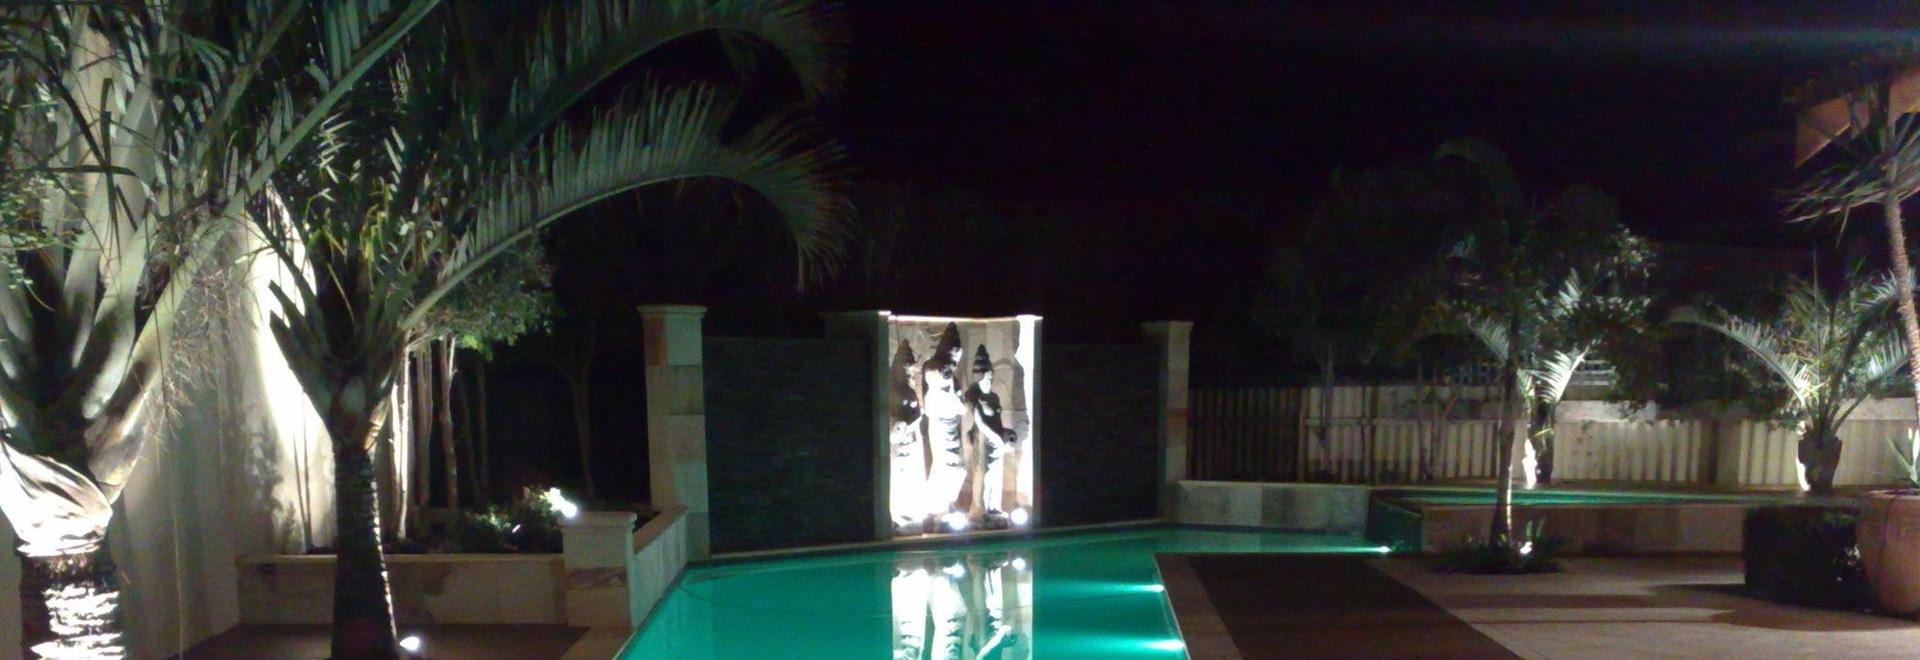 New Concrete Pool Niche